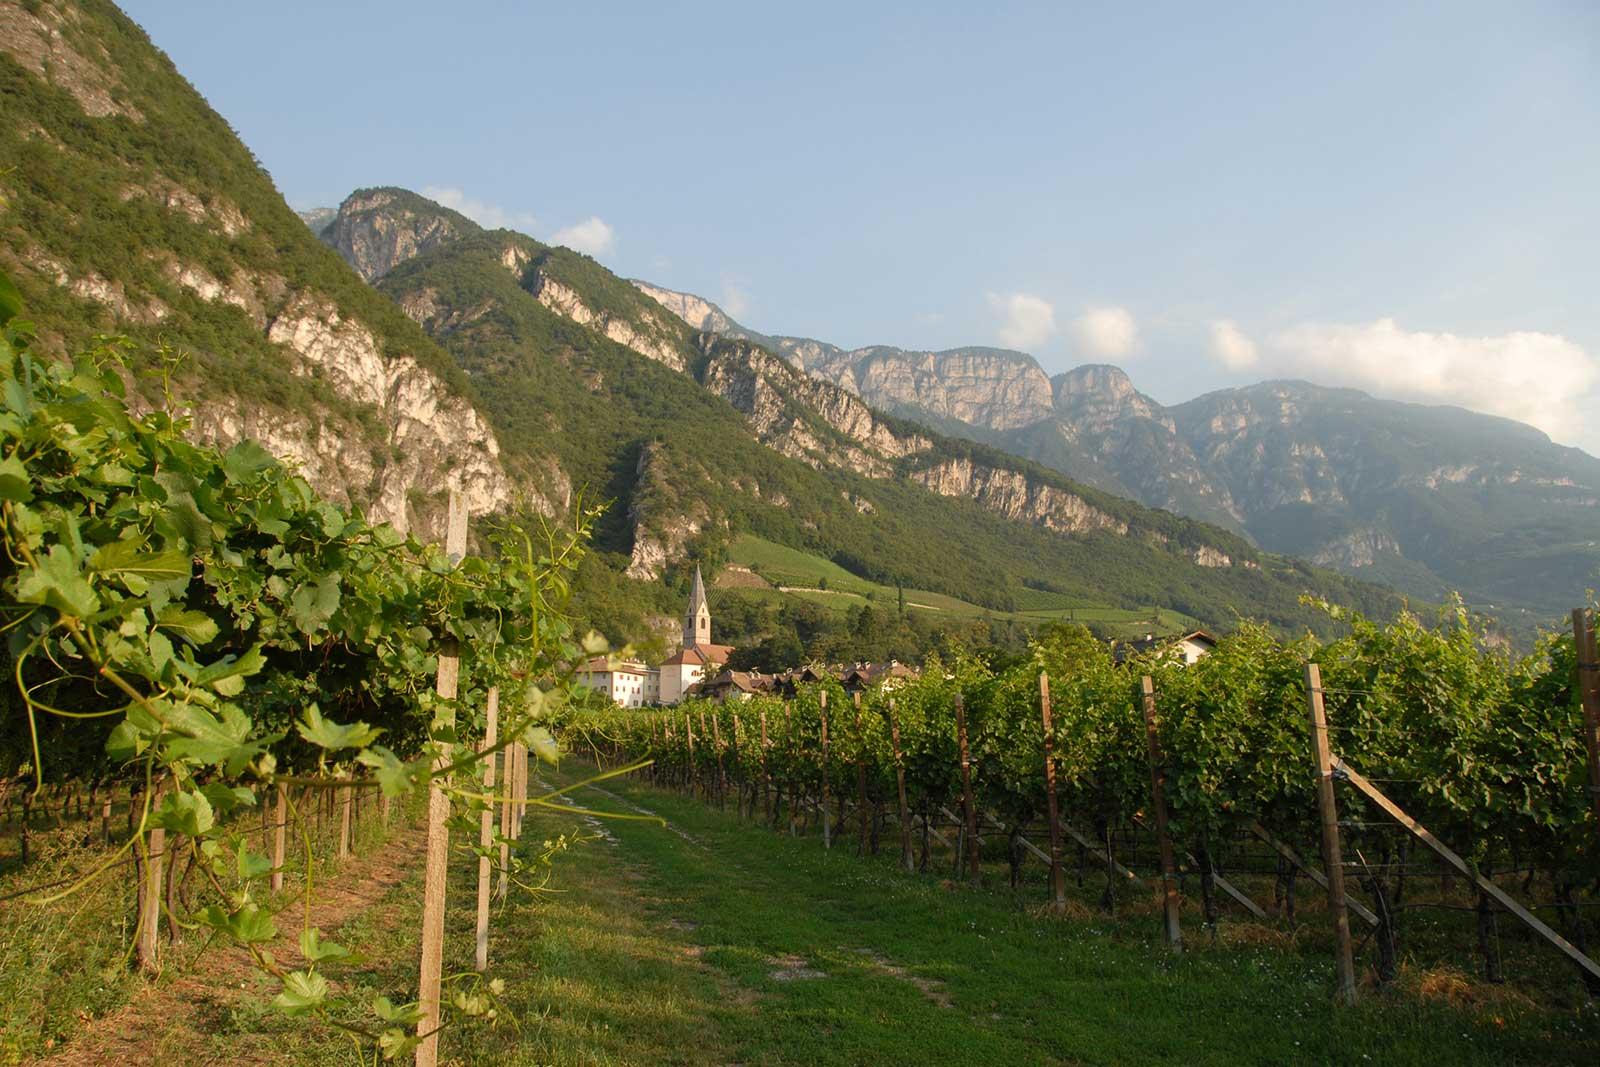 Alois Lageder's Porer vineyard is prized terroir for Pinot Grigio. ©Alois Lageder